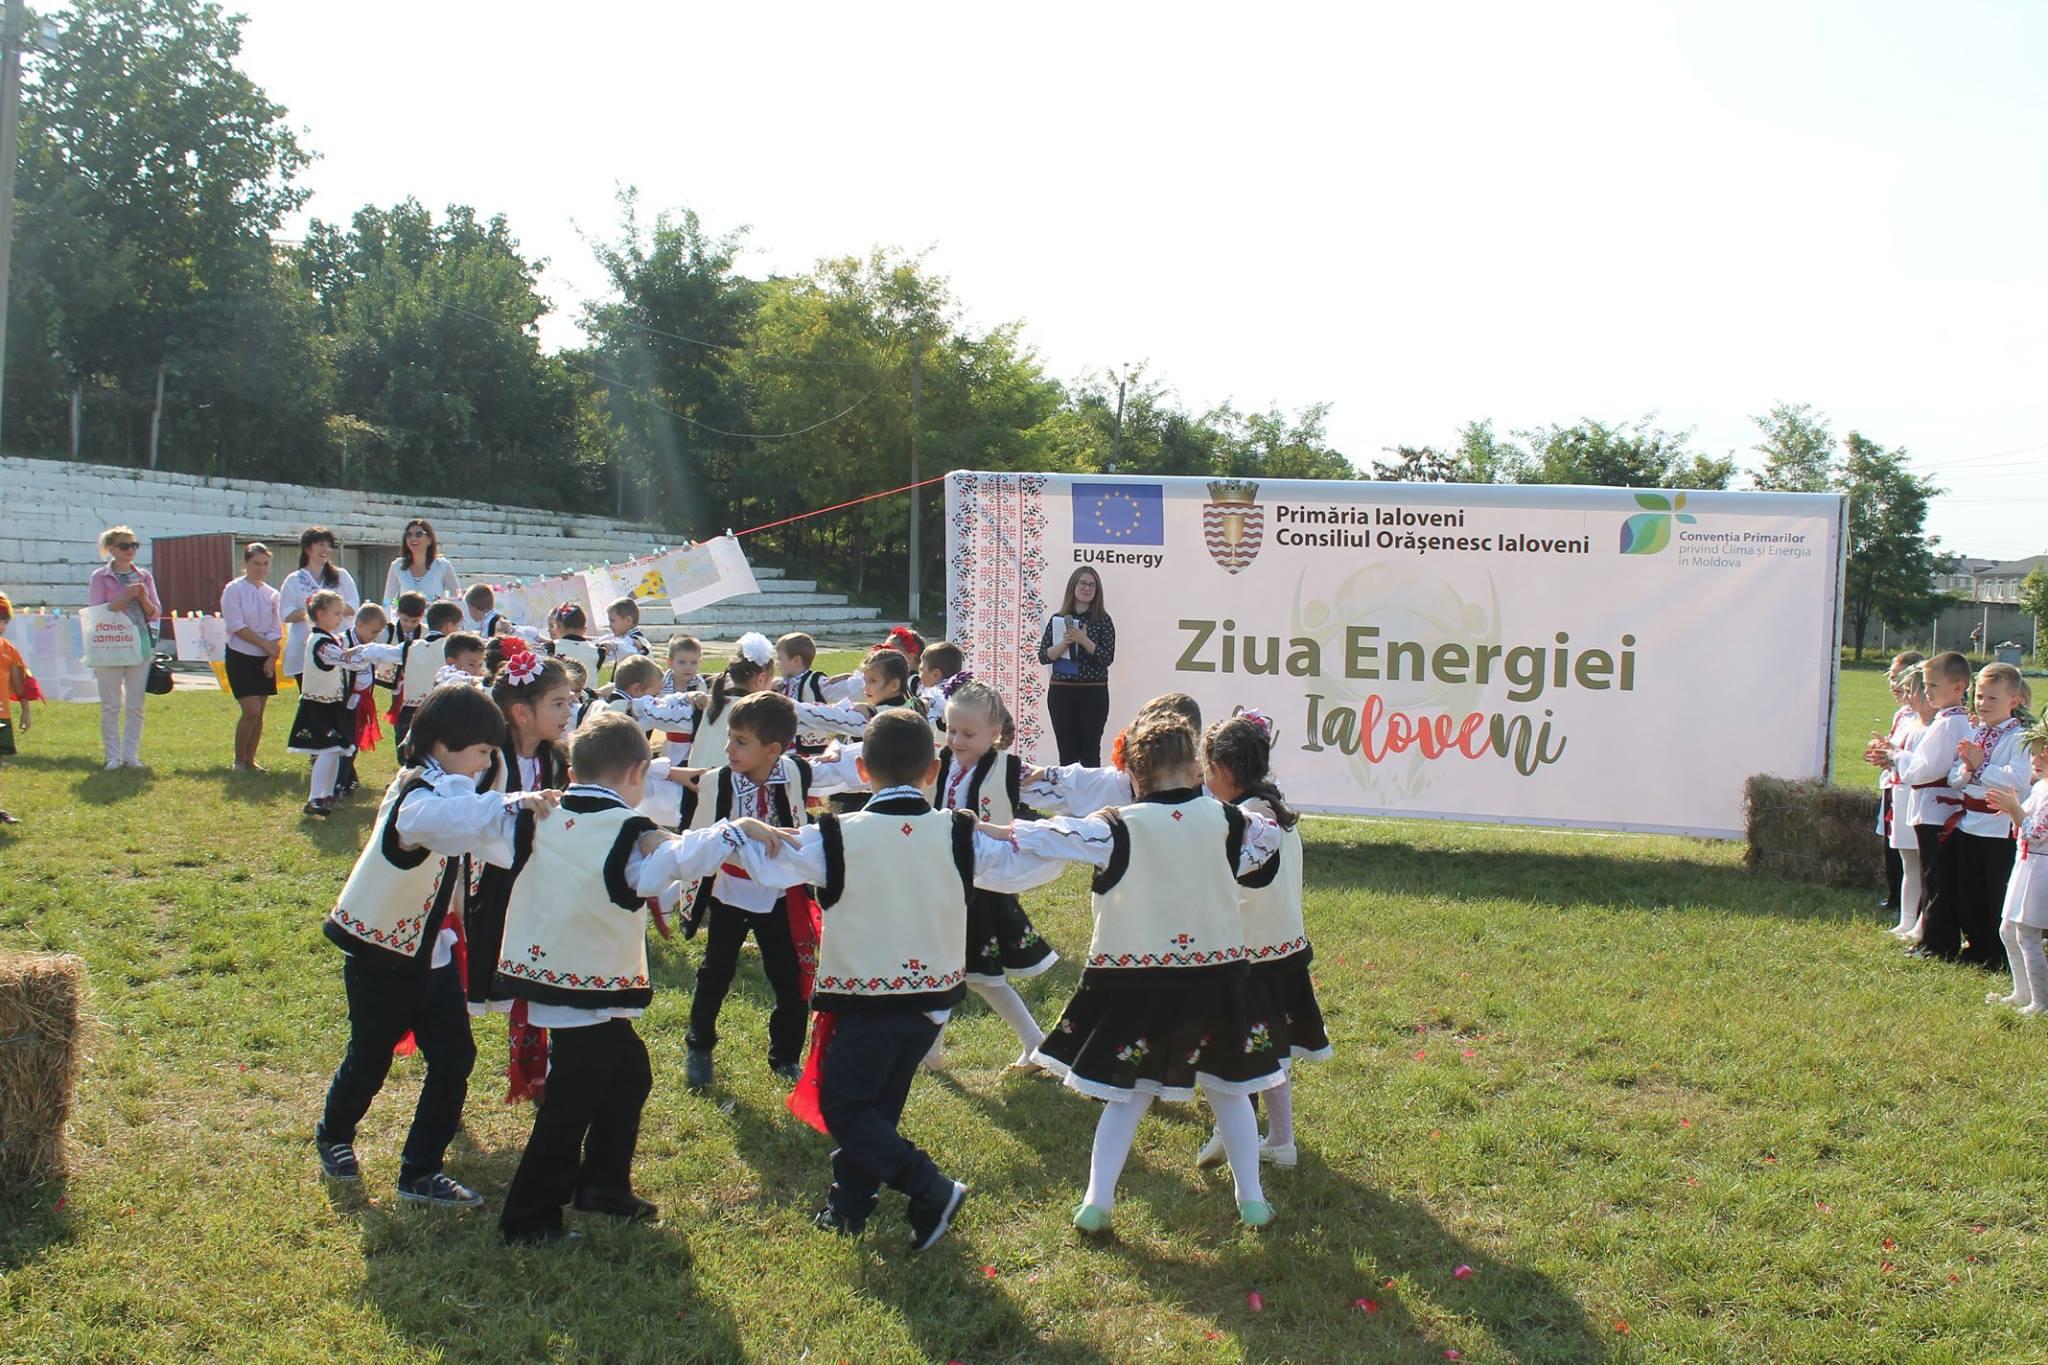 Ziua Energiei - un eveniment de promovare a energiei verzi în orașele semnatare ale Convenției Primarilor Foto de la Ziua Energiei la Ialoveni, 14 septembrie 2018